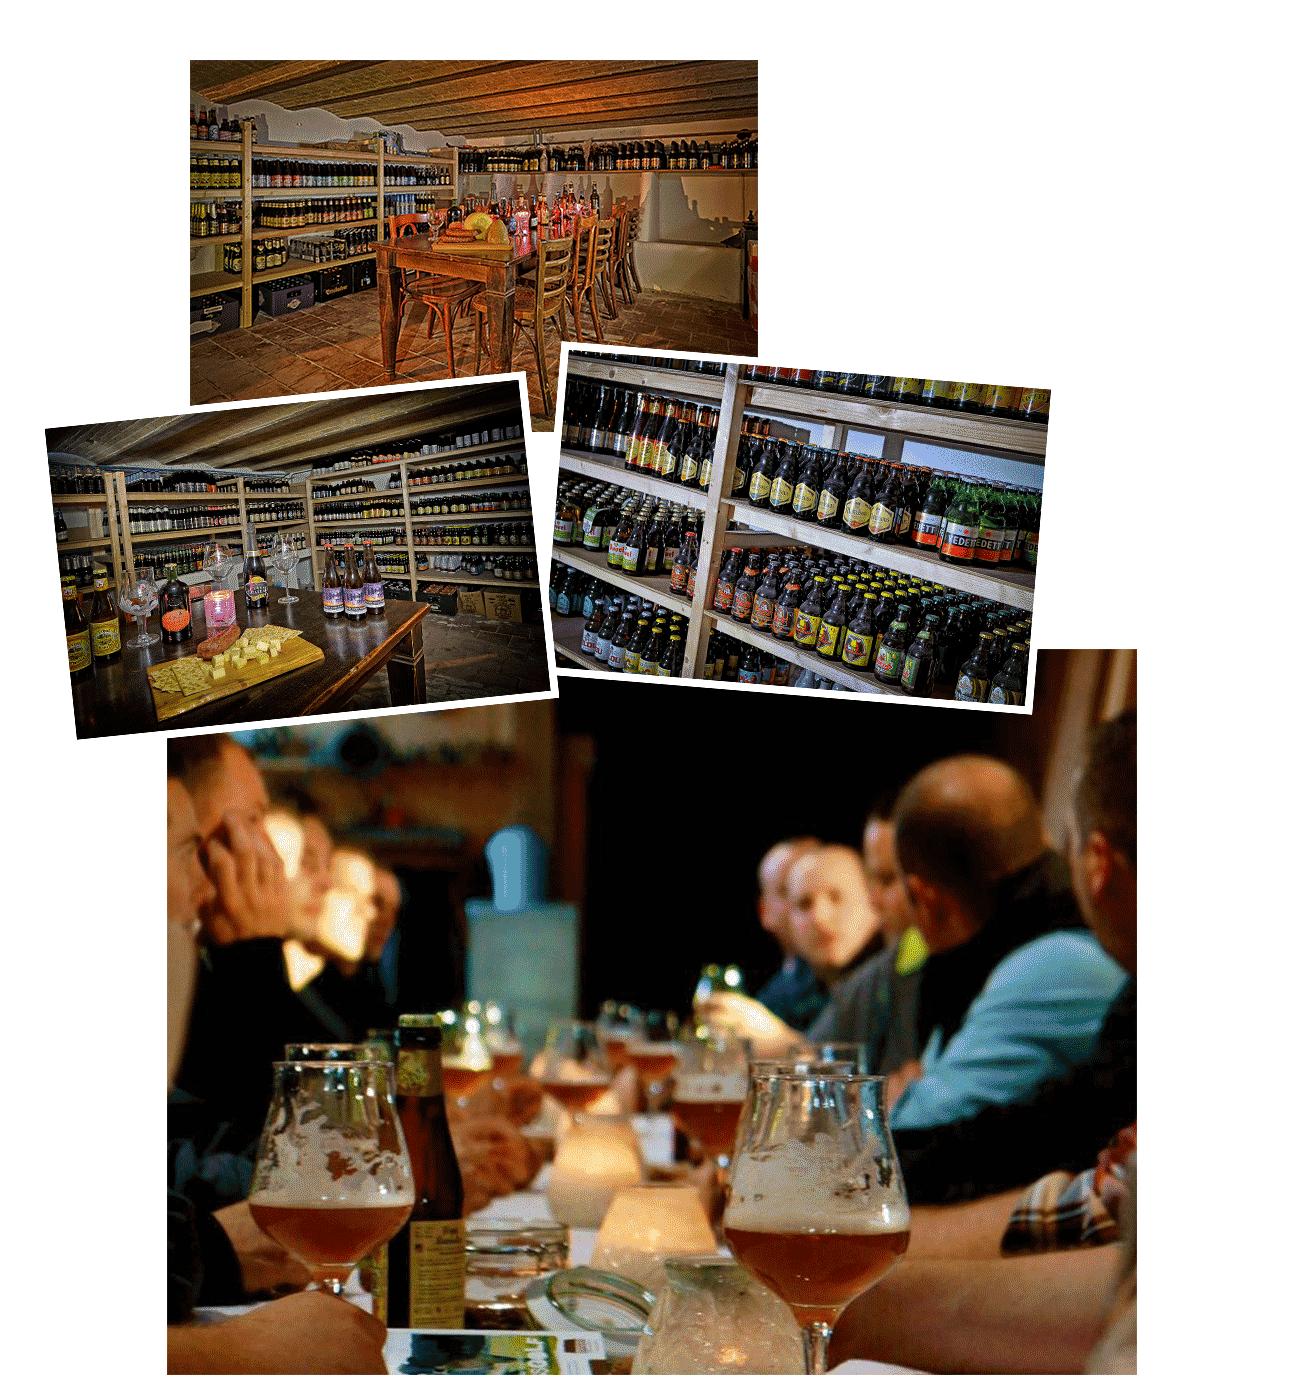 herberg-denbrouwer-bierproeverij